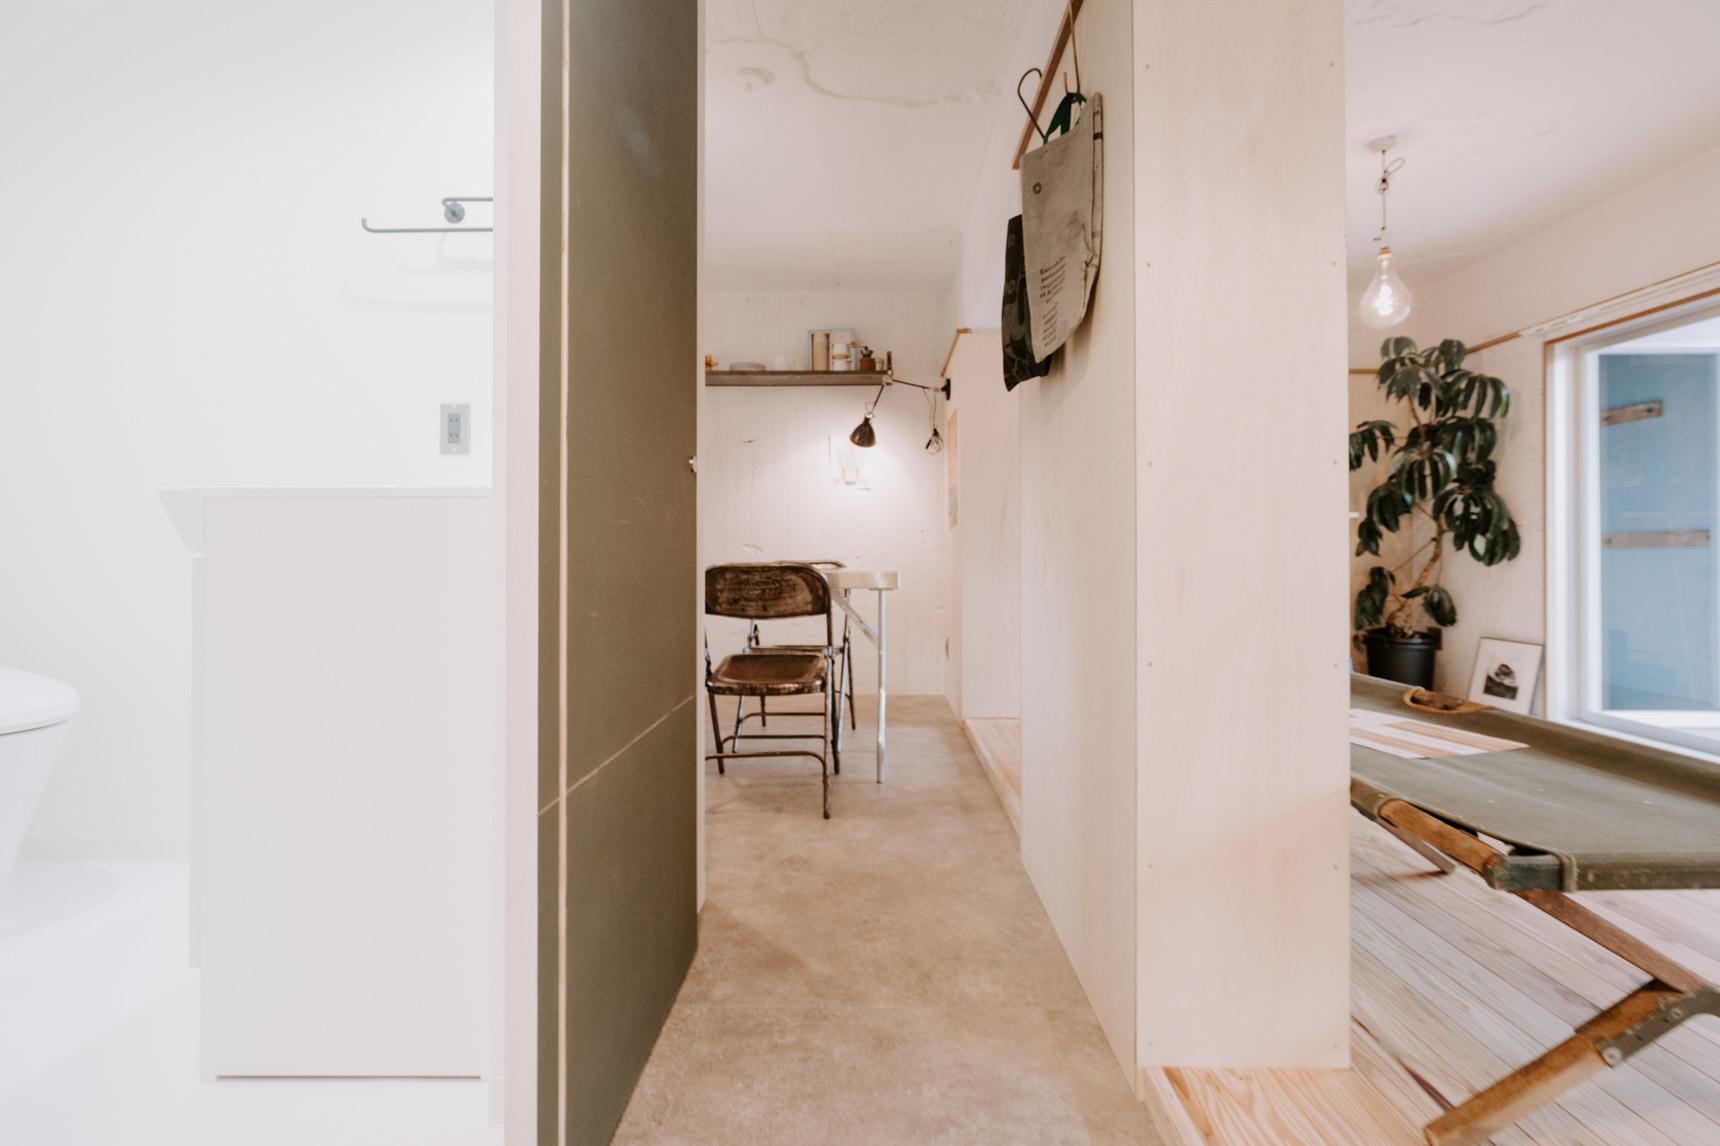 拝見したのは、1DK、37.35㎡のお部屋。玄関からキッチンまでが土間でつながっている、おもしろい間取りです。